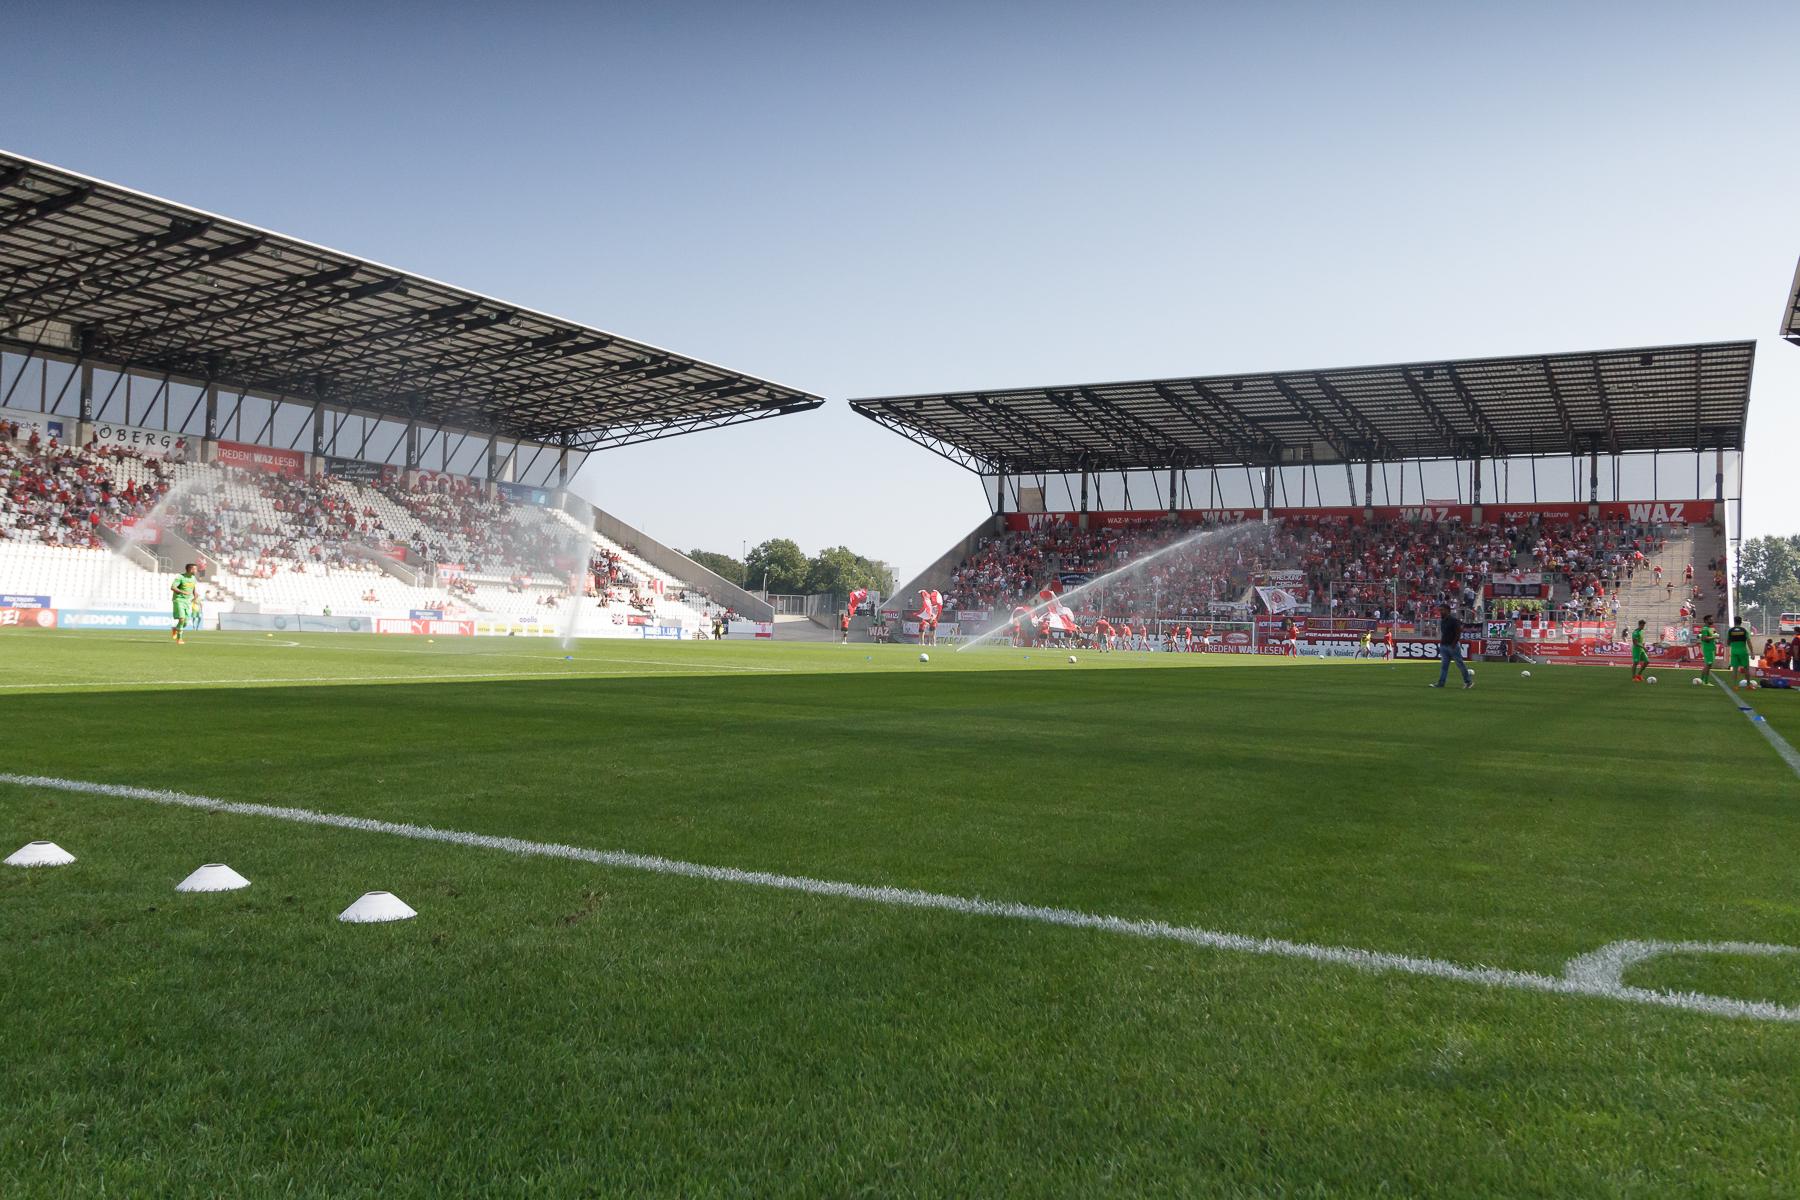 Am Dienstag geht es für die rot-weisse U17 im Derby gegen Oberhausen.